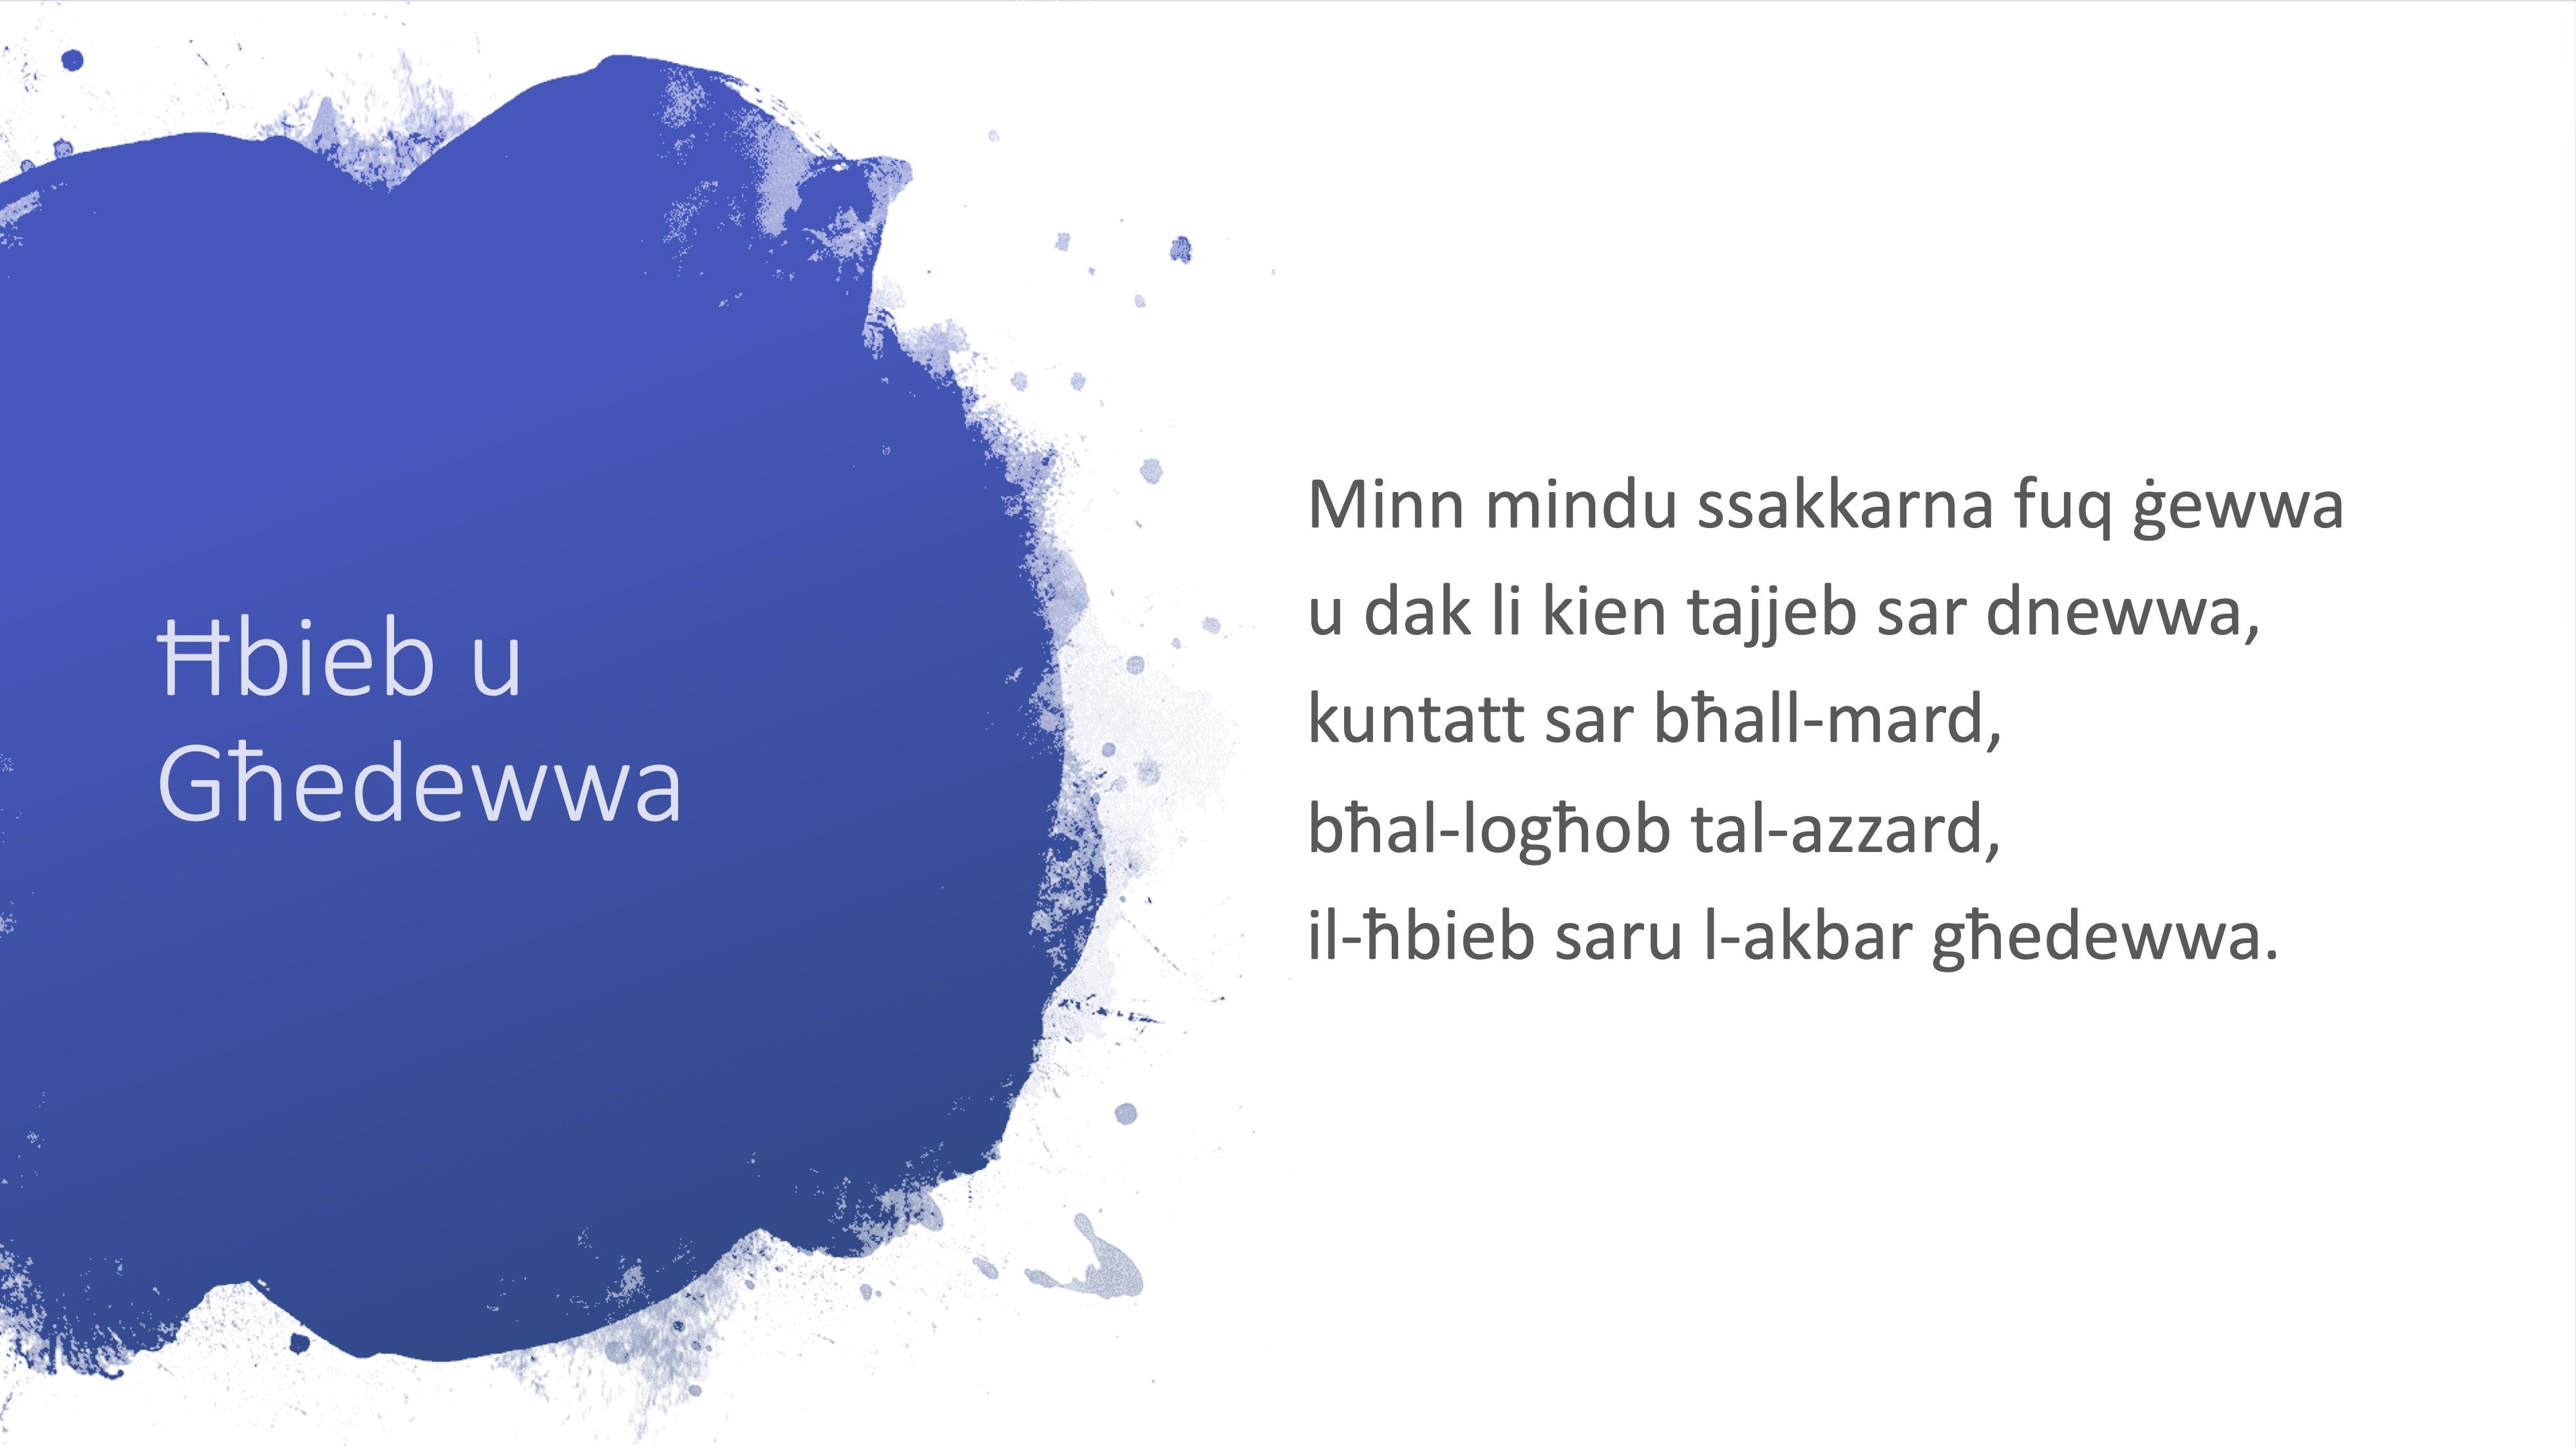 Il-Limerikki tal-Virus - Ħbieb u Għedewwa - 2